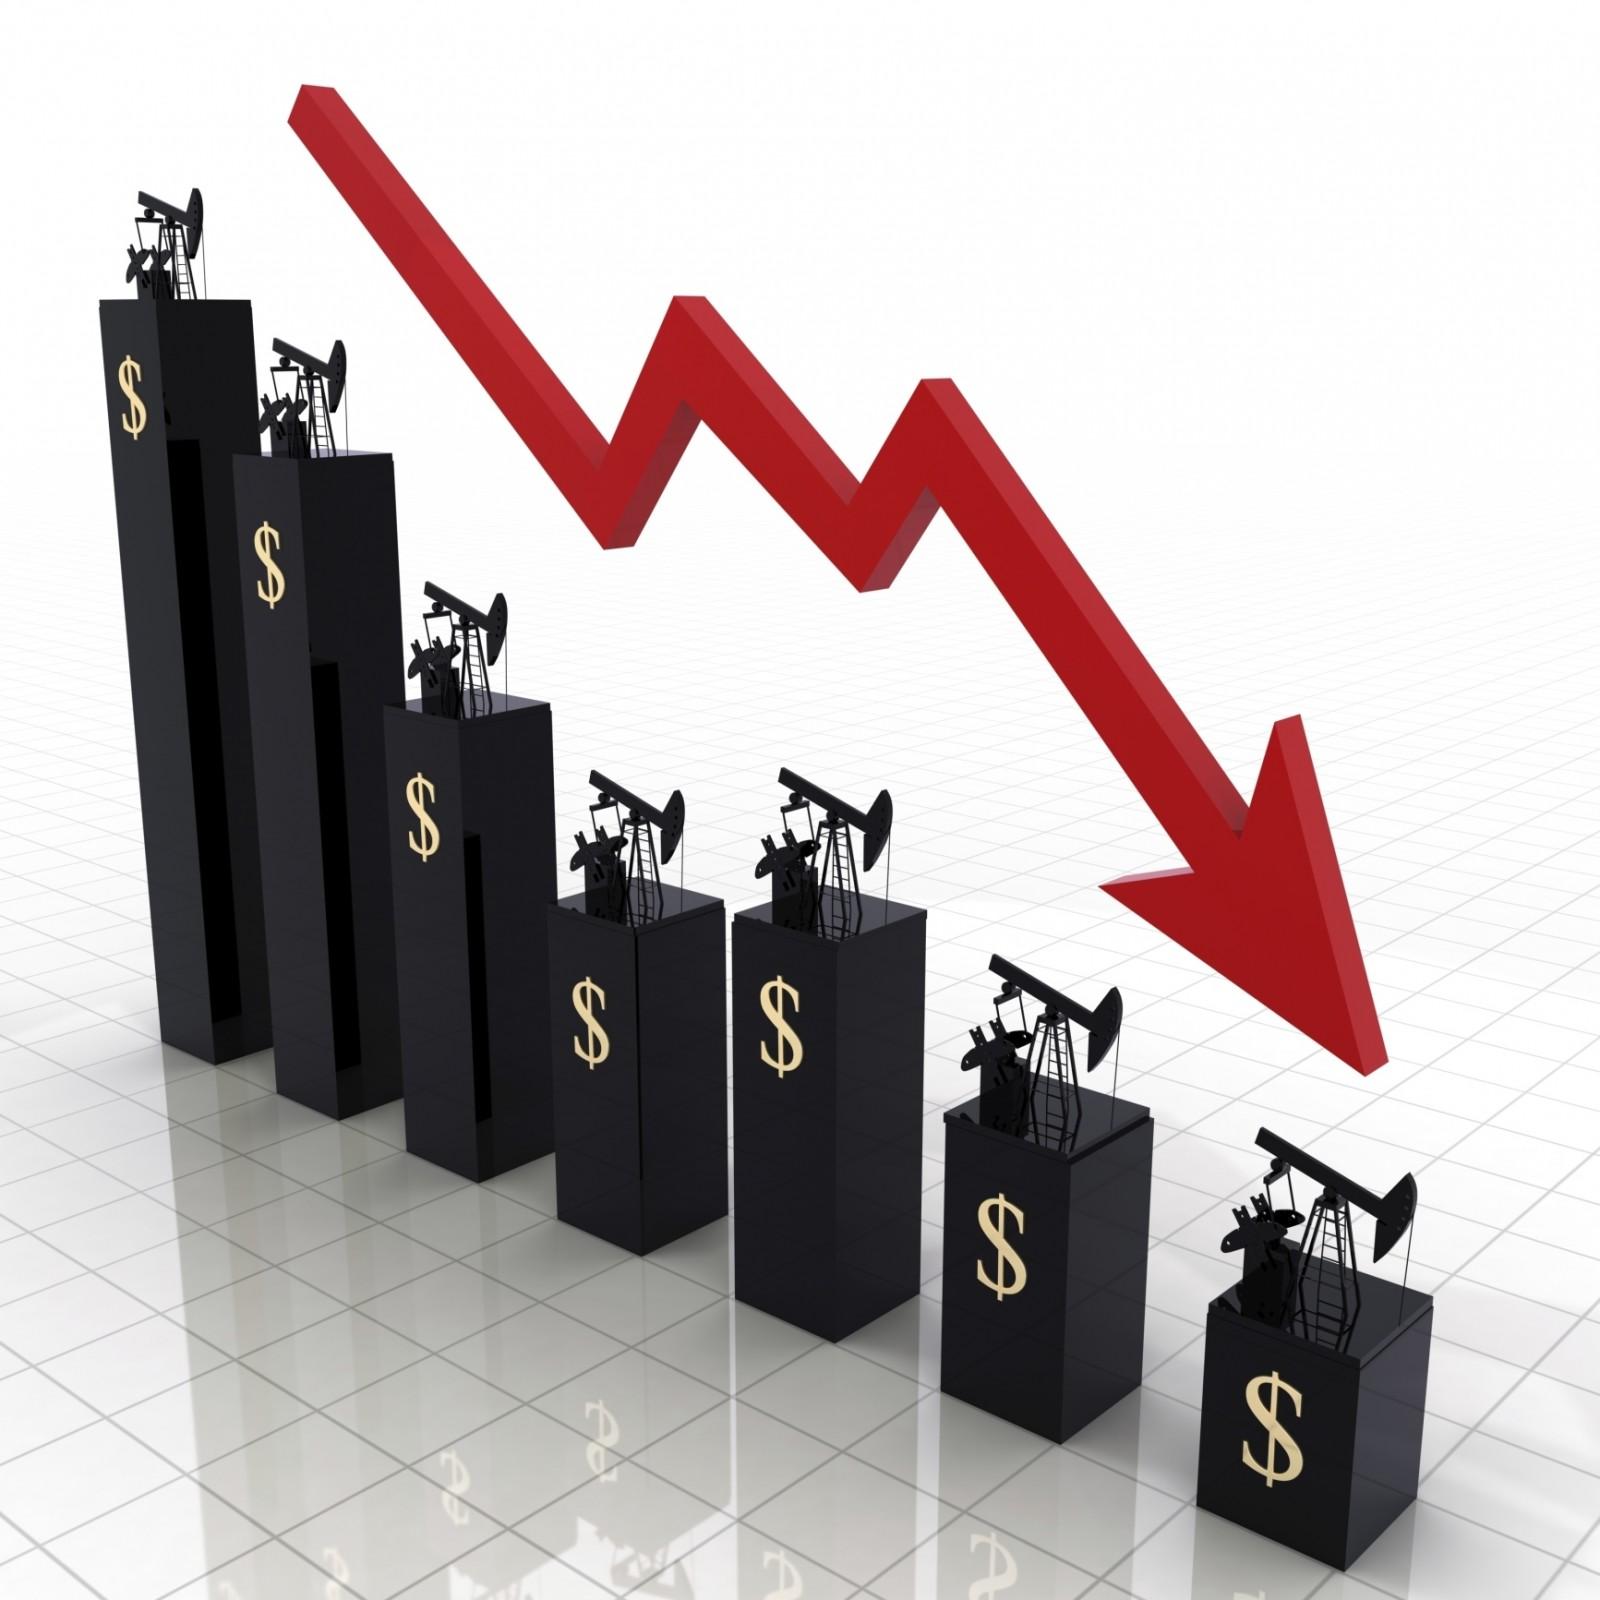 النفط يتراجع بضغط صعود الدولار